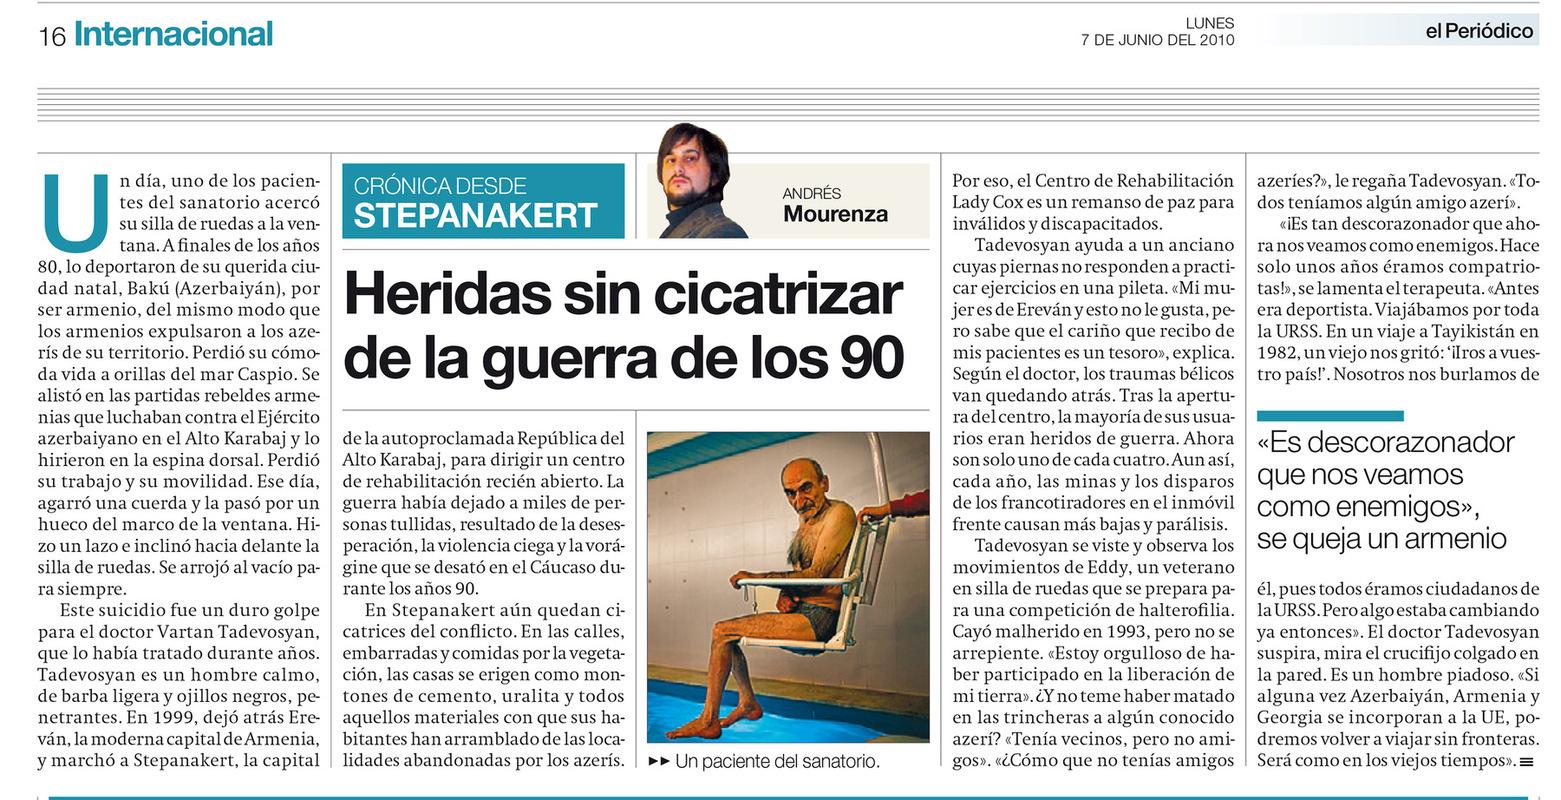 www.alvarodeprit.com - El Periodico